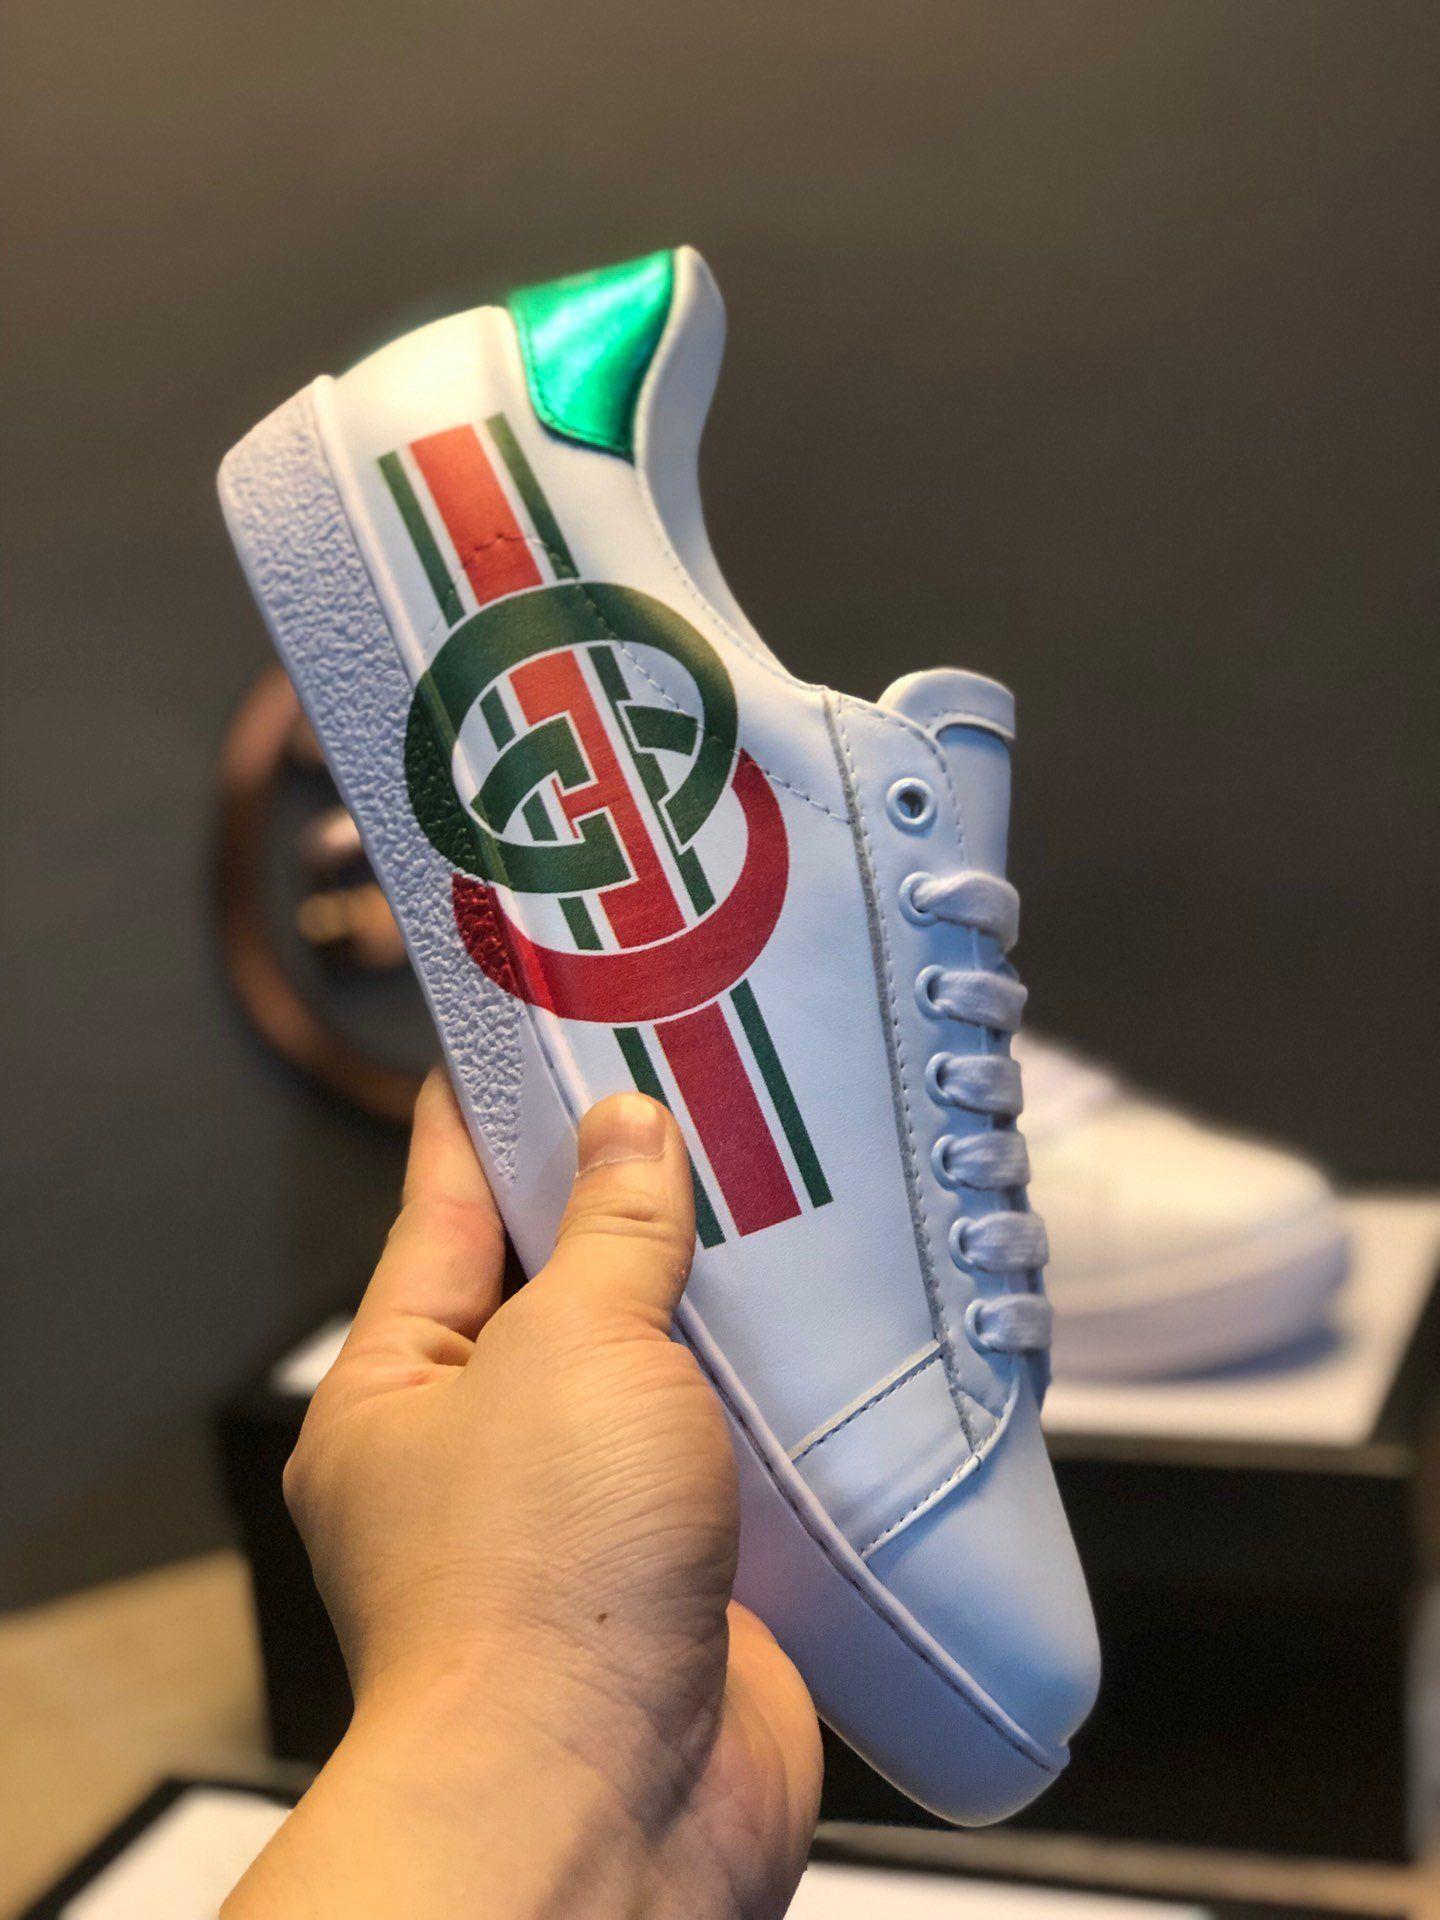 2020 scarpe da uomo firmate superfície de couro branco impresso lettering luxo projeto marcas de 3 listras sapatos casuais plate-forme